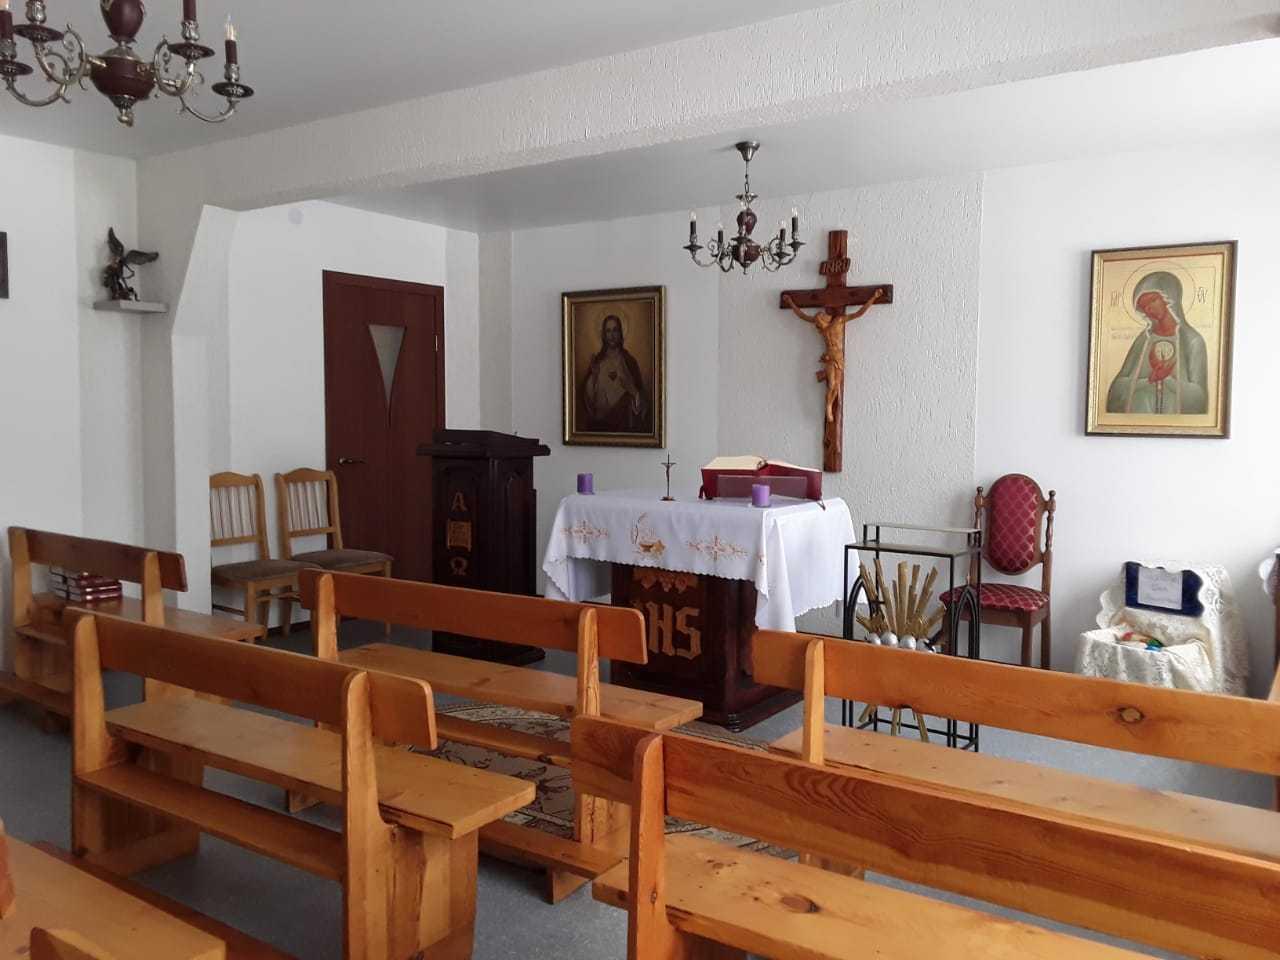 Приход Святейшего Сердца Иисуса в Георгиевке